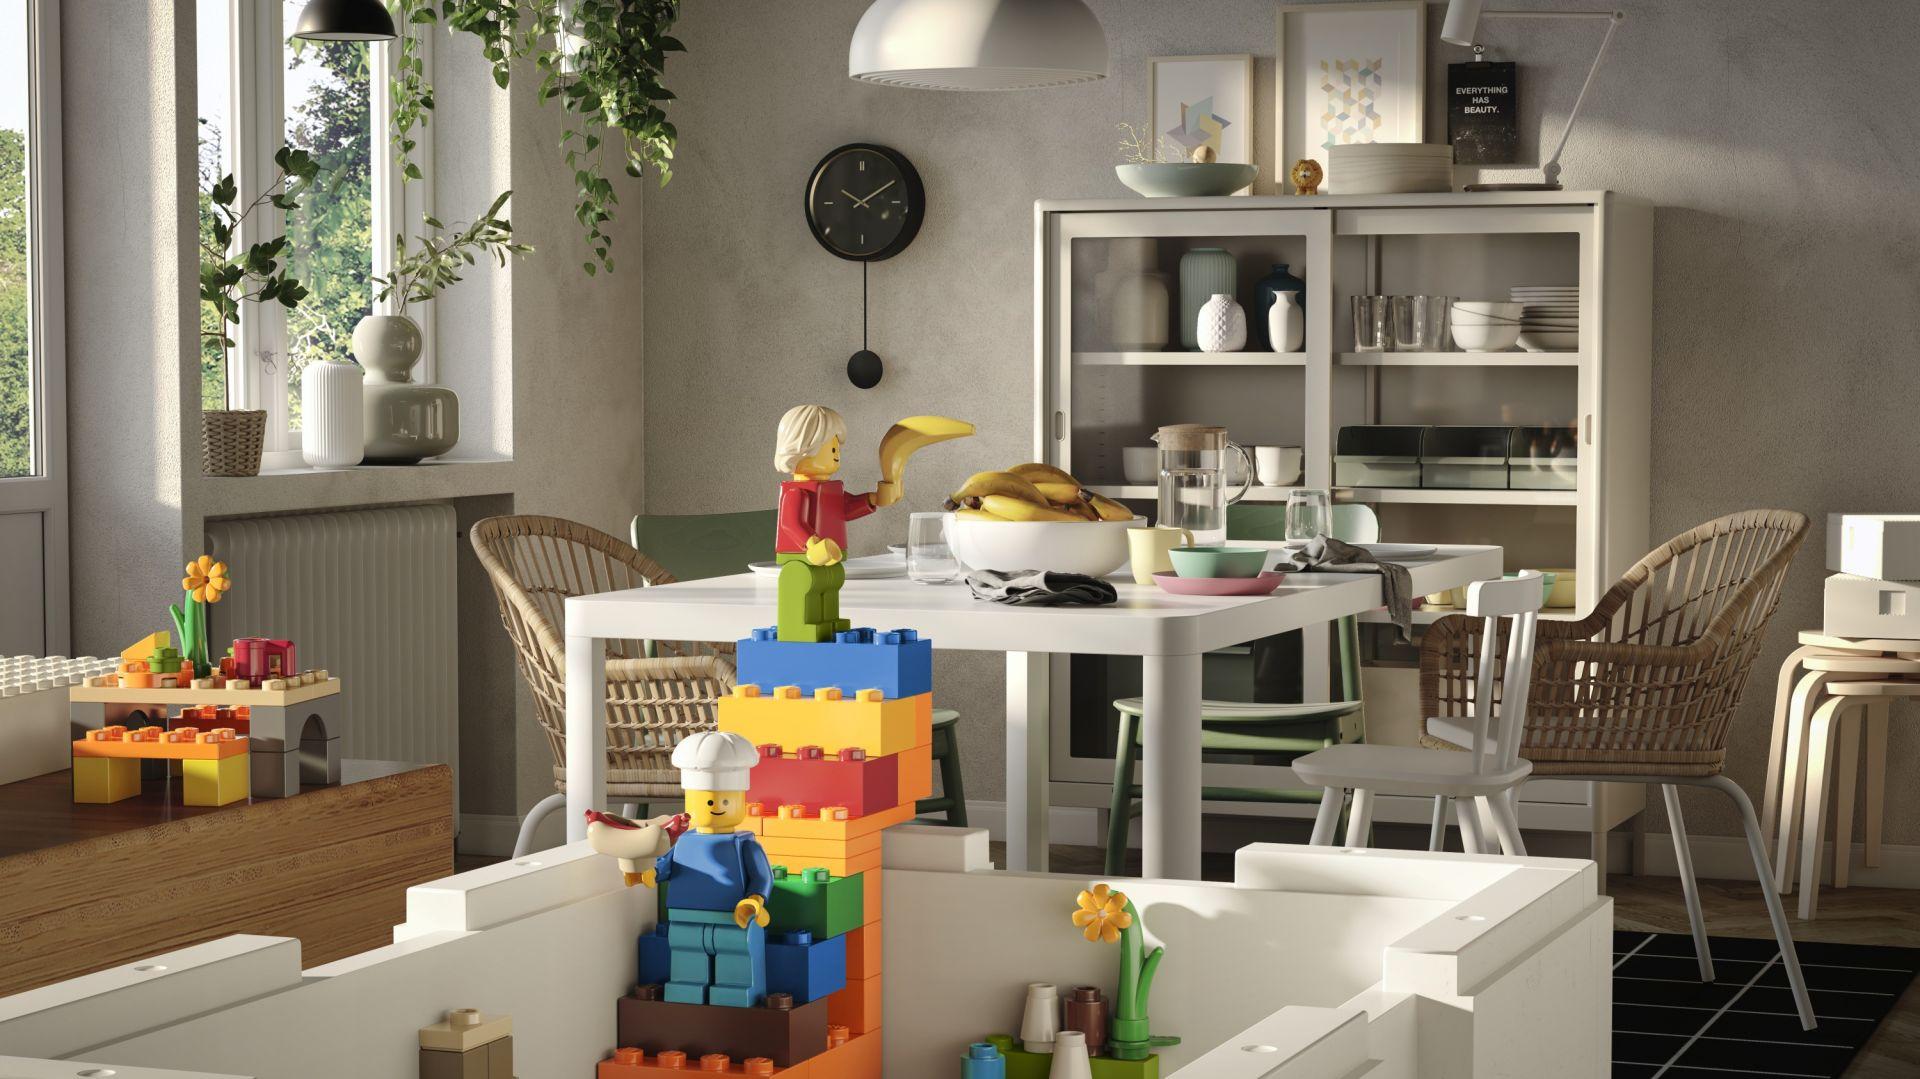 Kolekcja BYGGLEK składa się z pojemników w czterech różnych rozmiarach oraz zestawu klocków. Pokrywa pudełka została dodatkowo wyposażona w wypustki, które pasują do dowolnych istniejących już klocków firmy LEGO. Fot. Ikea